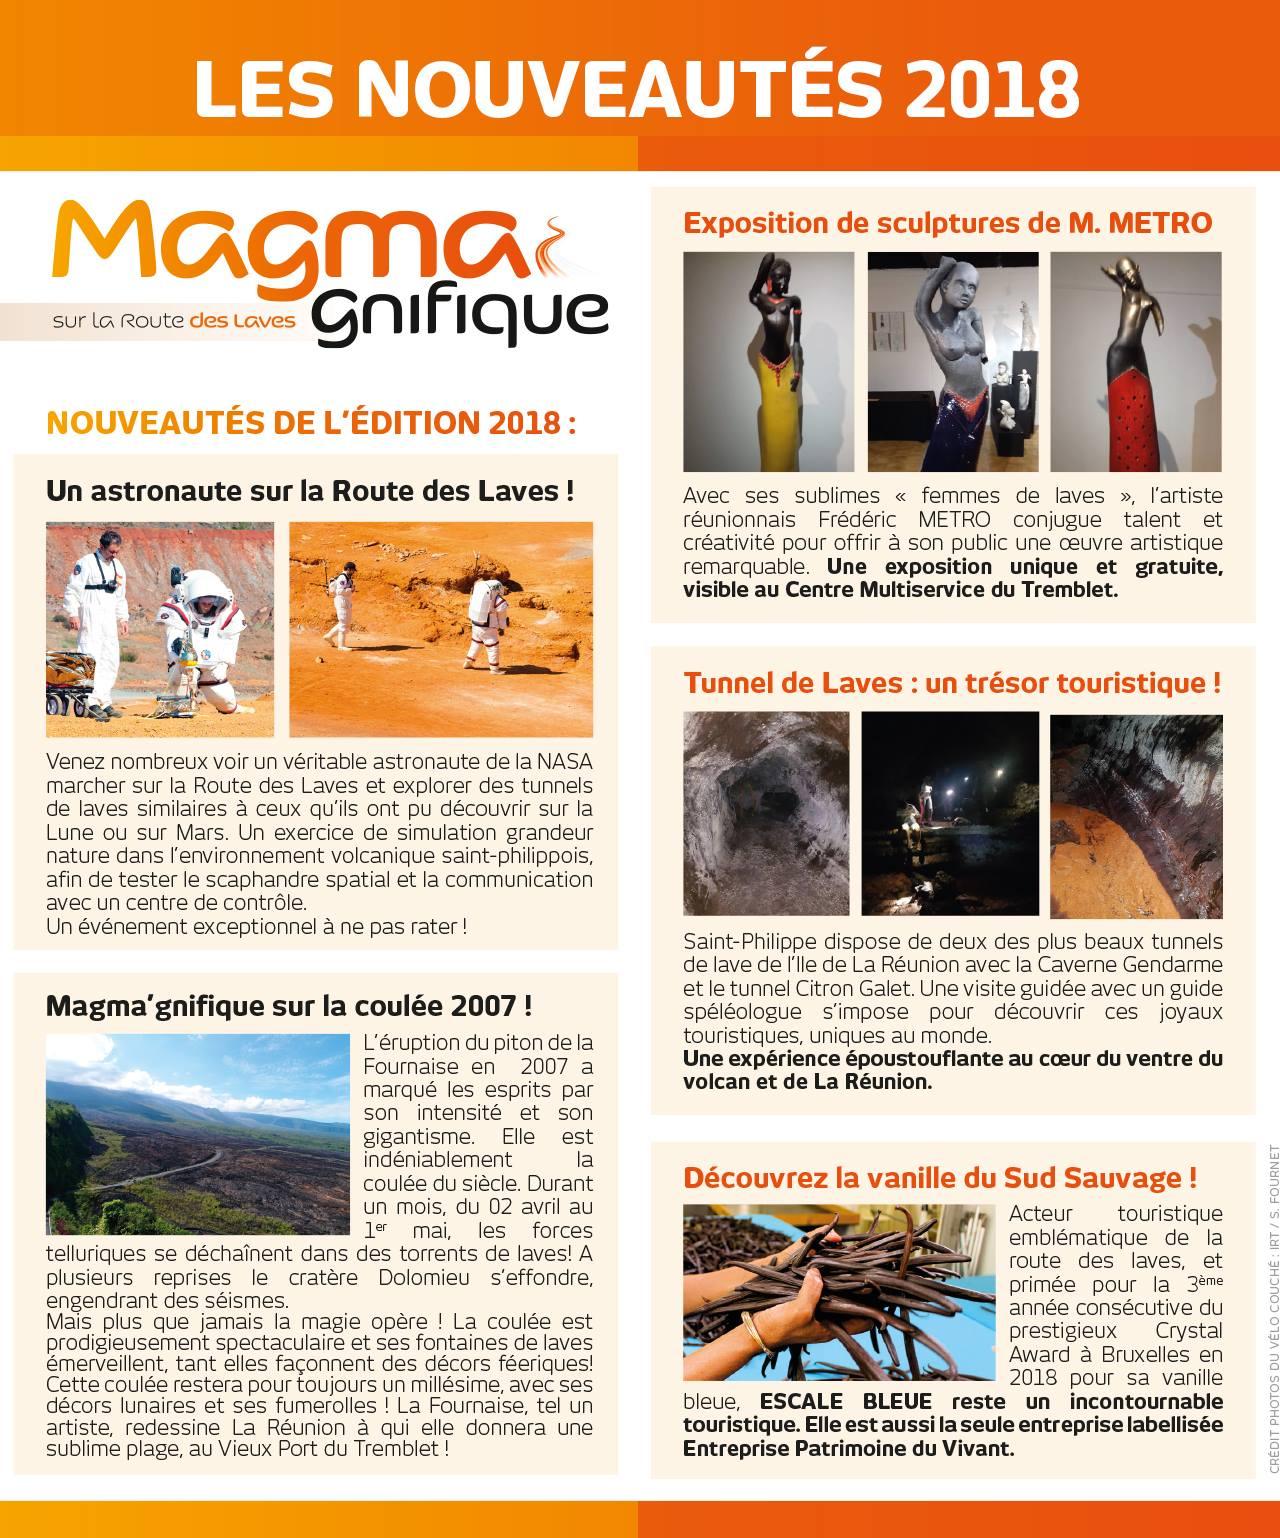 Nouveautés-Magma-Gnifique-2018